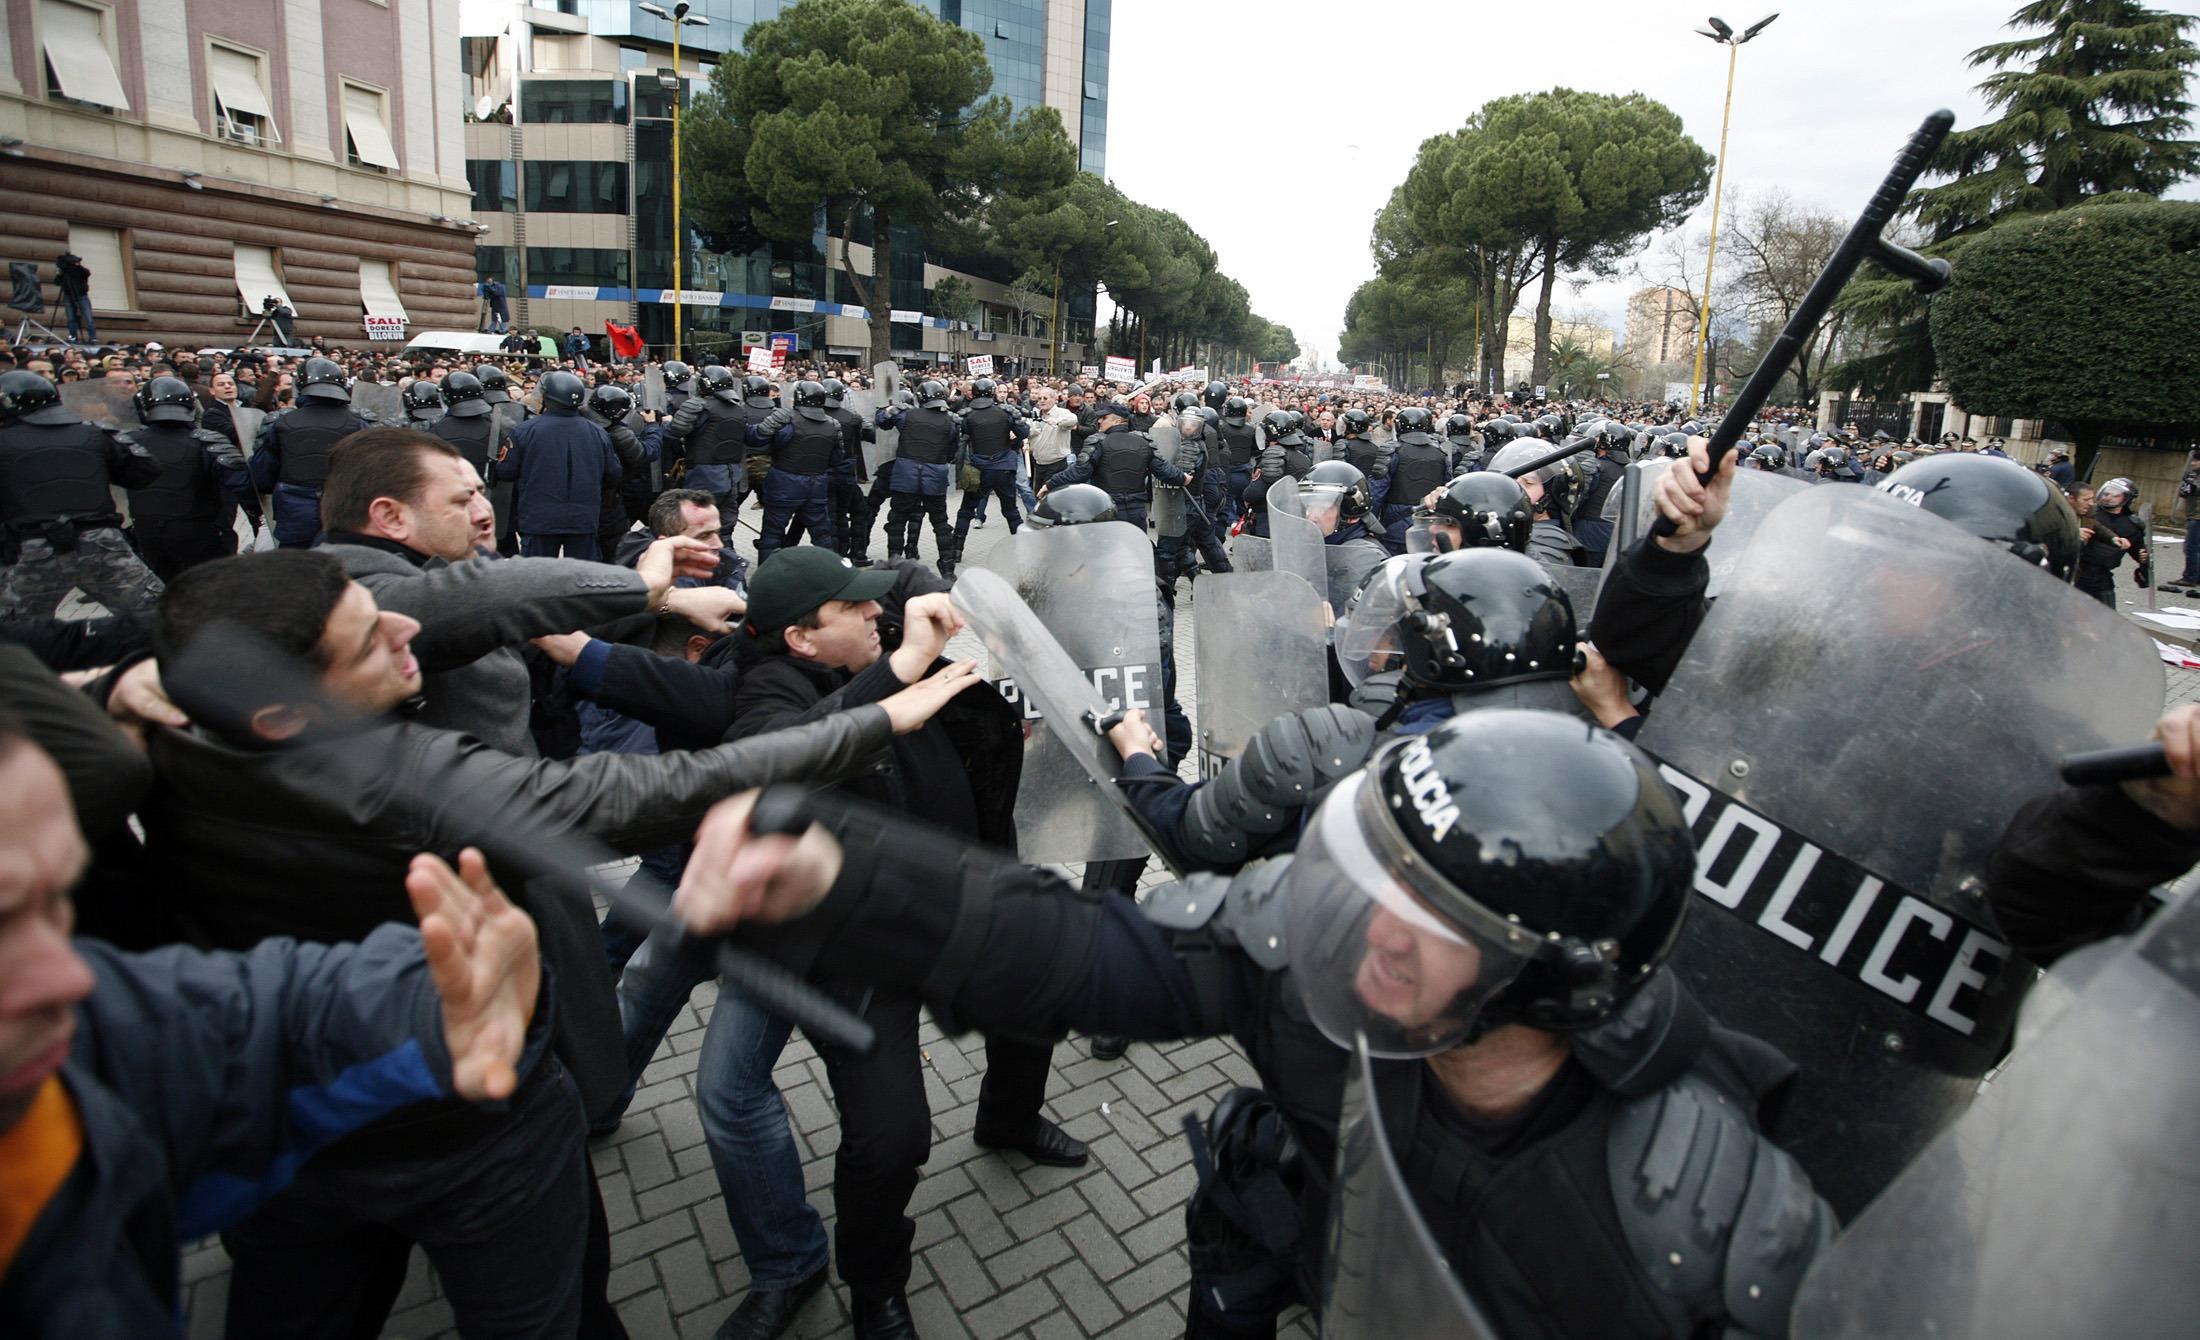 Σώμα με σώμα οι μάχες αστυνομικών και διαδηλωτών - ΦΩΤΟ REUTERS